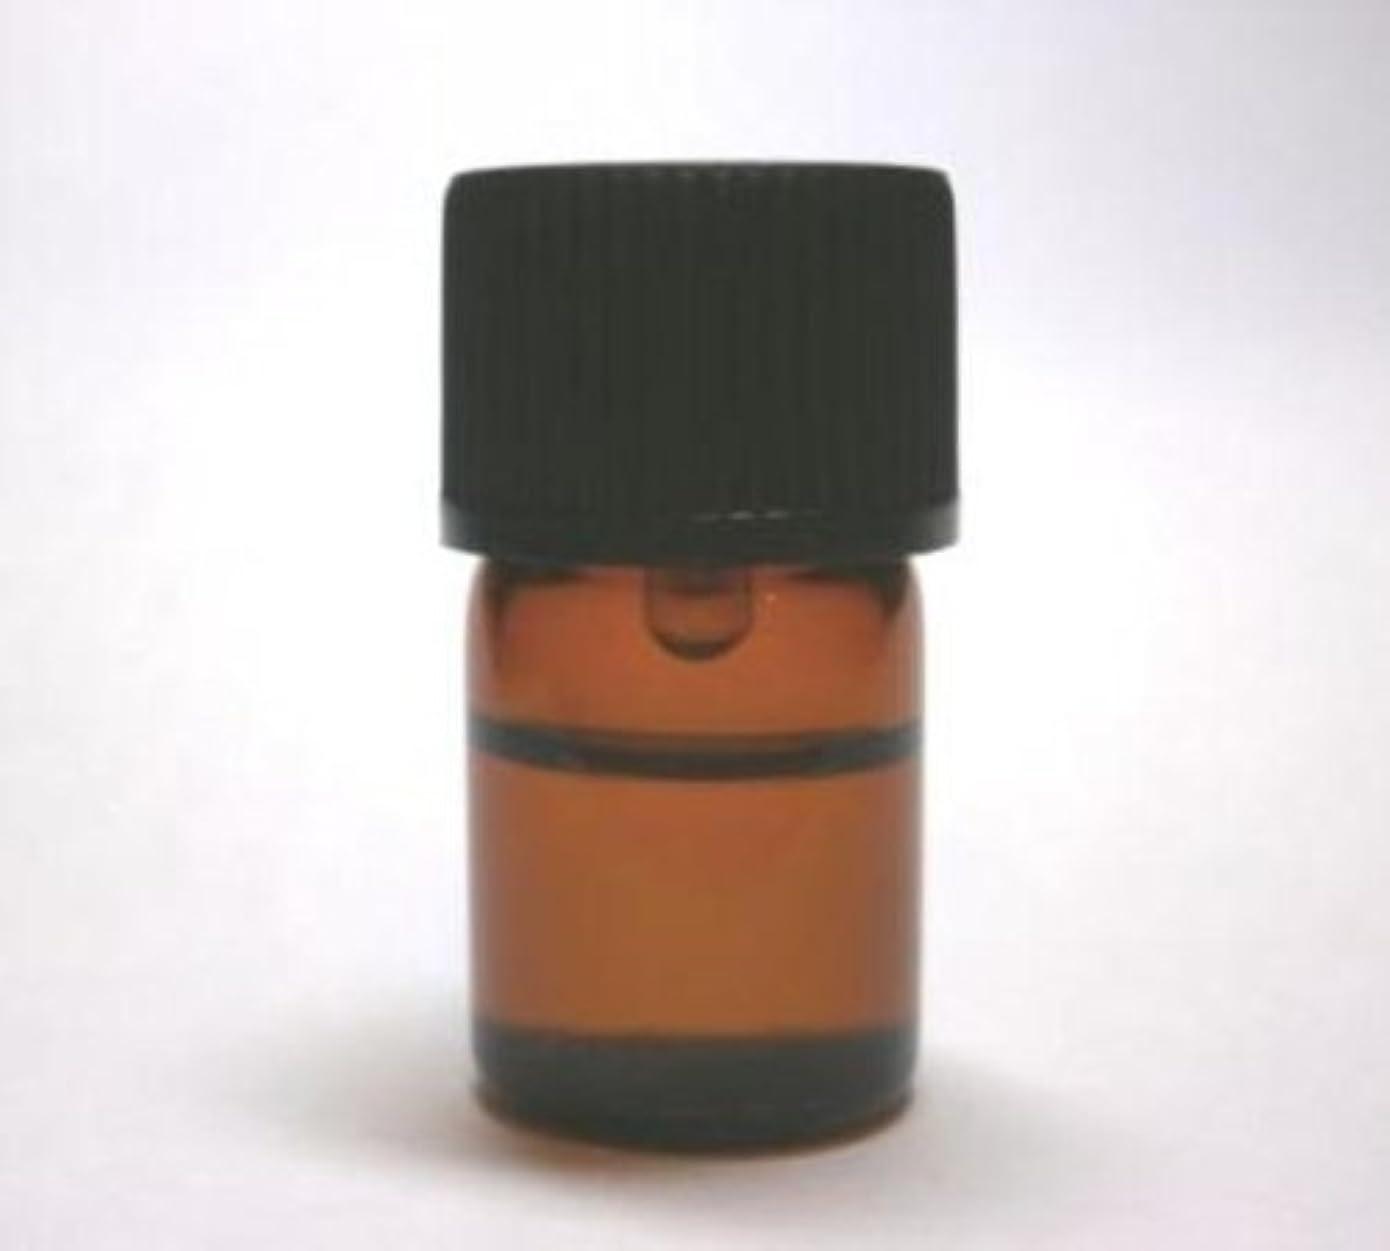 上下するアクセサリービクターローズオットー100%:3ml/ローズエッセンシャルオイル/ローズ精油/ローズオイル